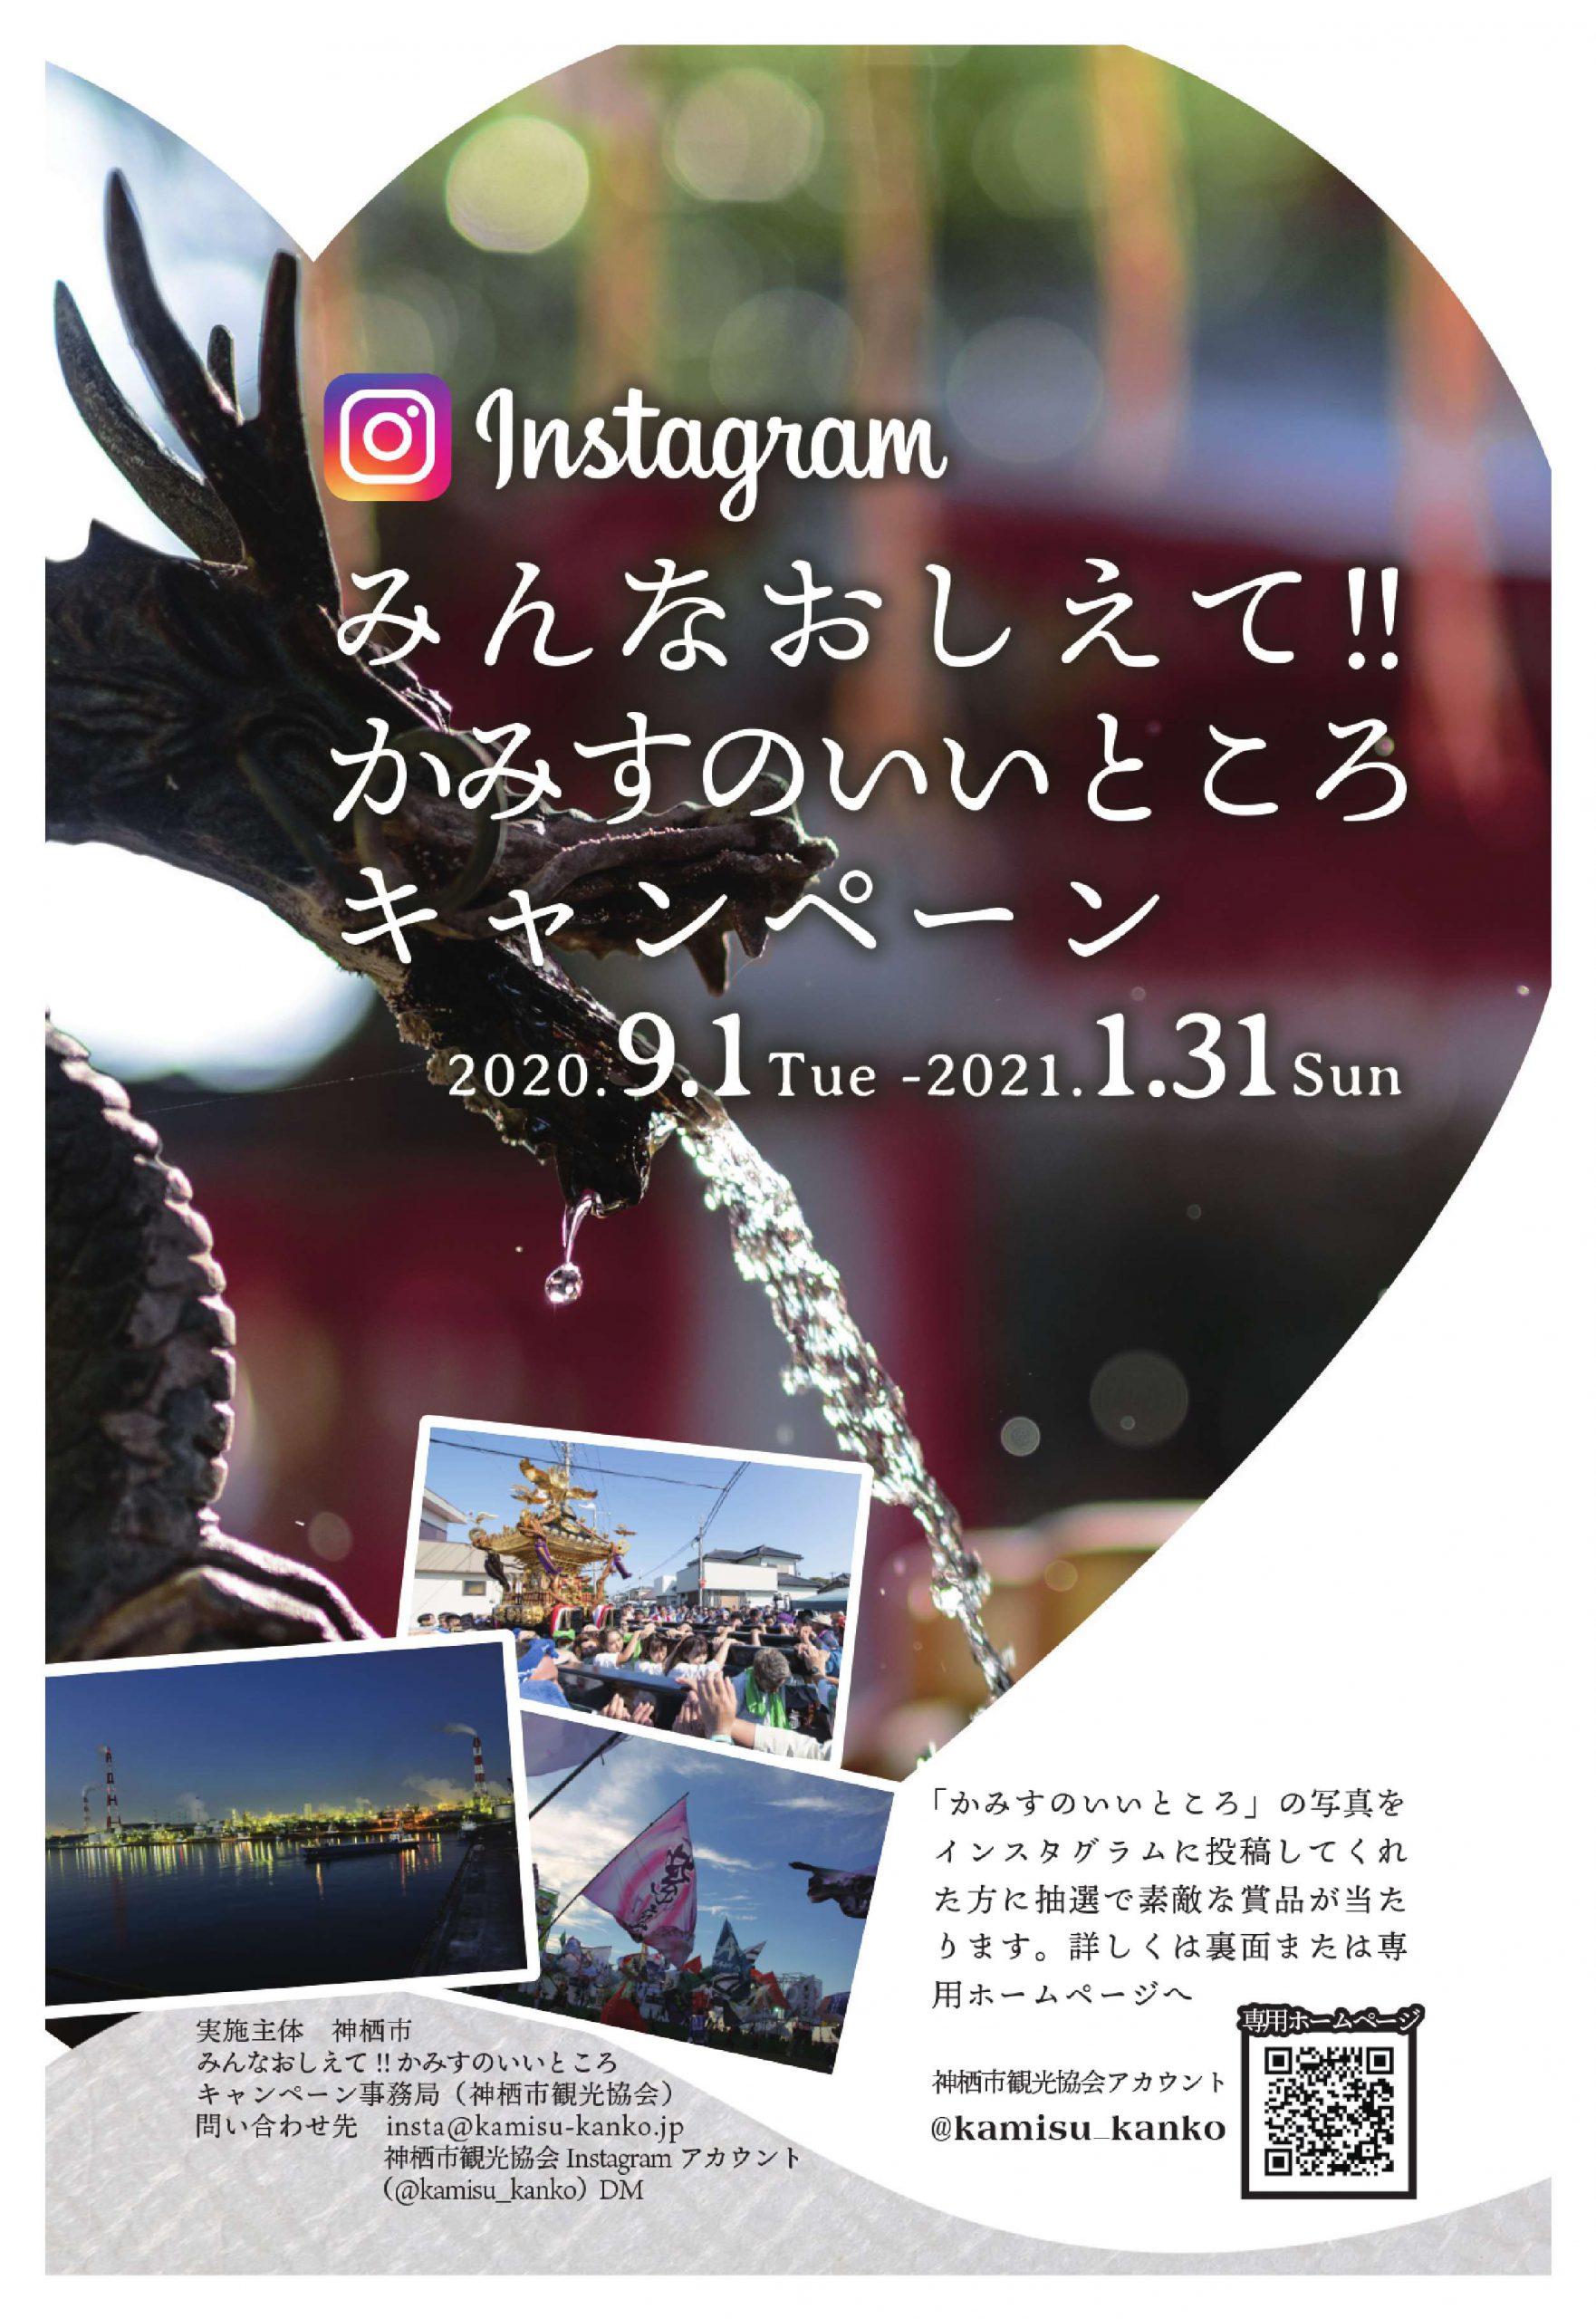 【Instagram】みんなおしえて!!かみすのいいところキャンペーン